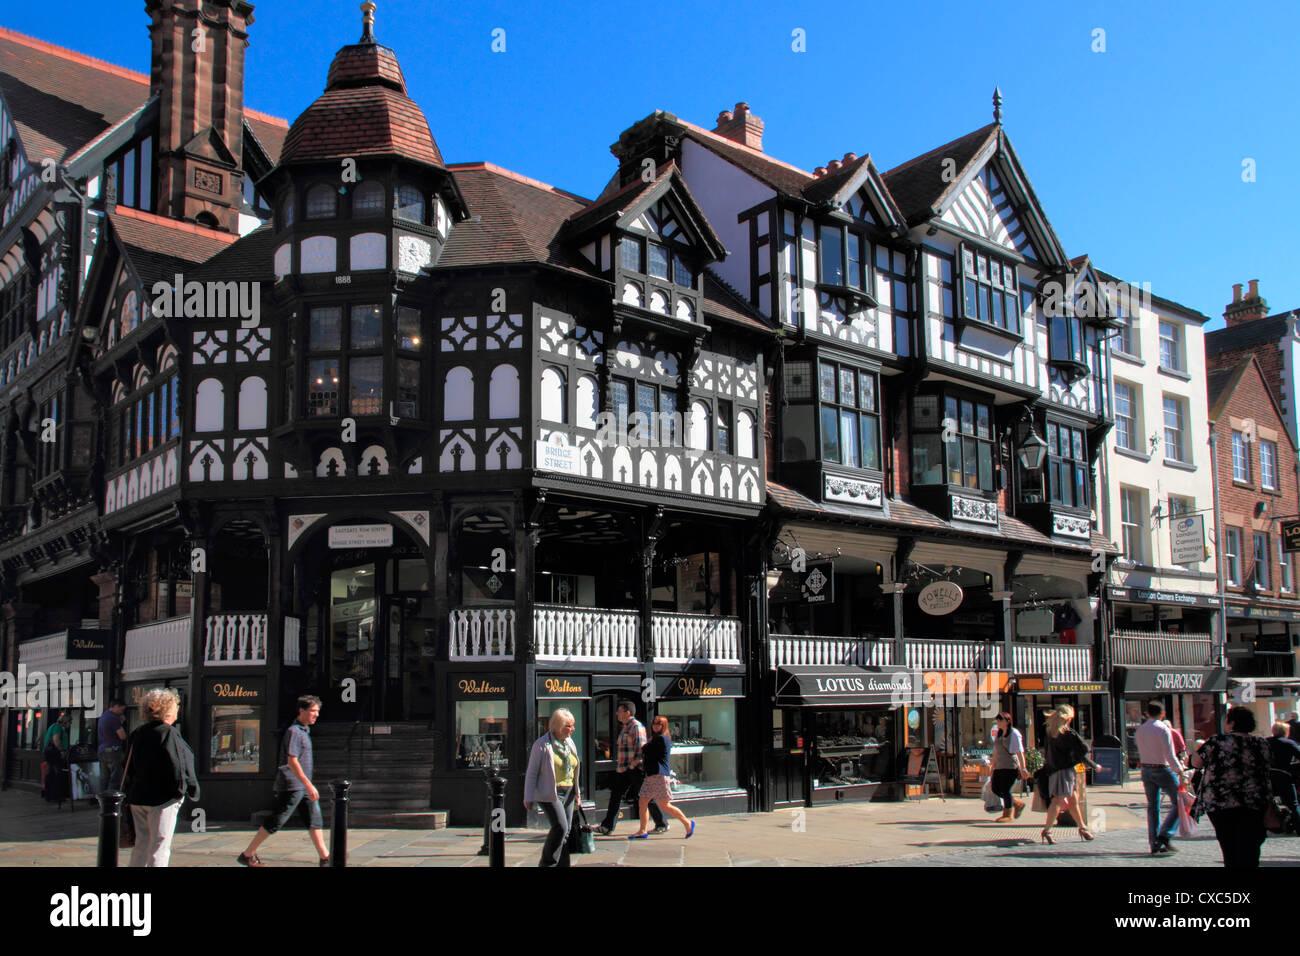 Bridge Street, Chester, Cheshire, England, United Kingdom, Europe - Stock Image